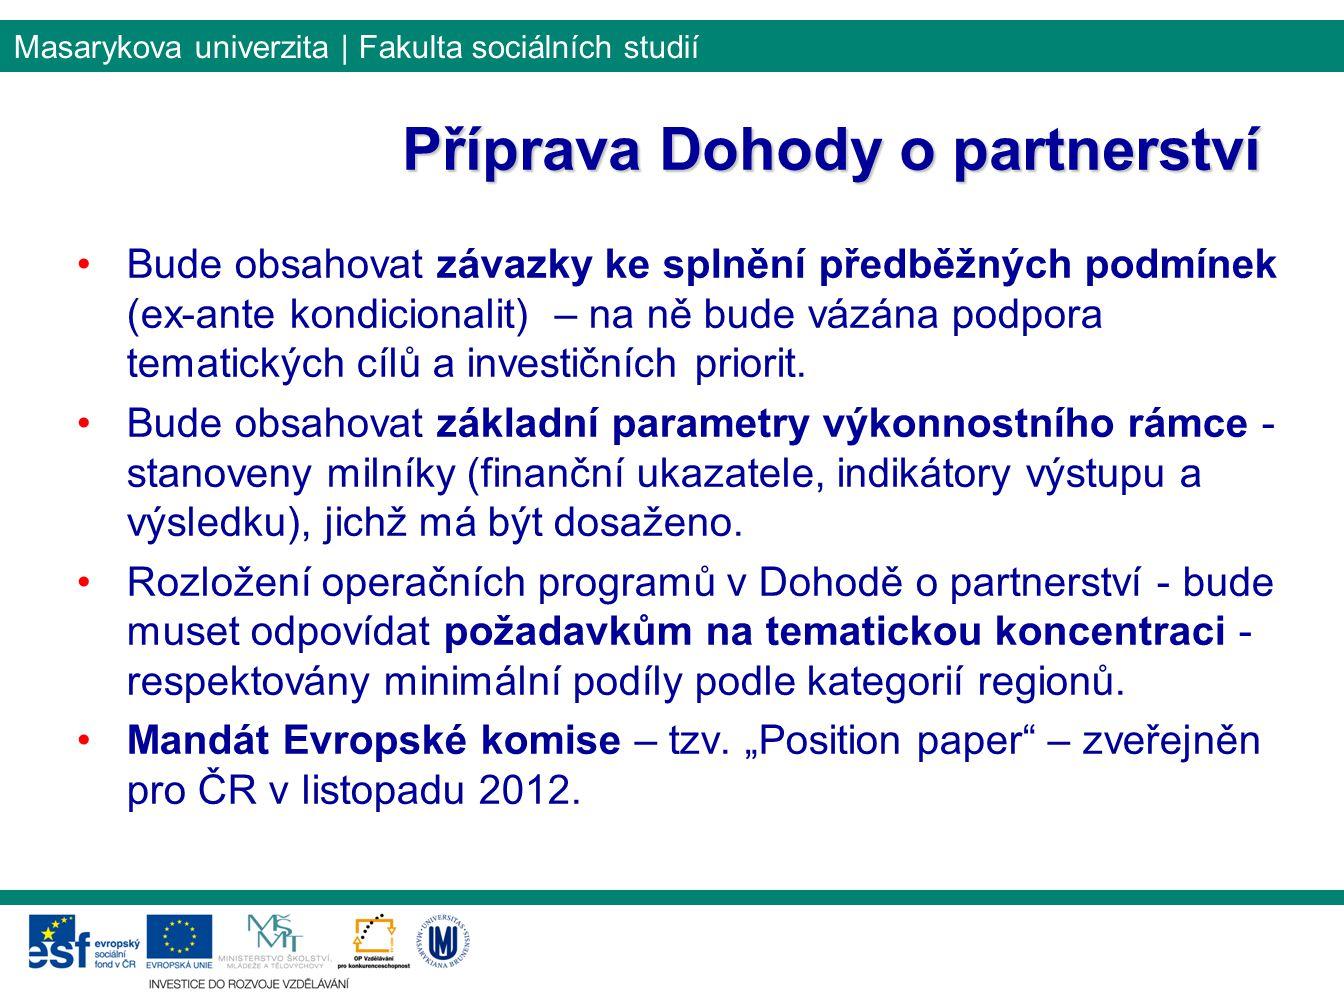 Masarykova univerzita | Fakulta sociálních studií Bude obsahovat závazky ke splnění předběžných podmínek (ex-ante kondicionalit) – na ně bude vázána podpora tematických cílů a investičních priorit.